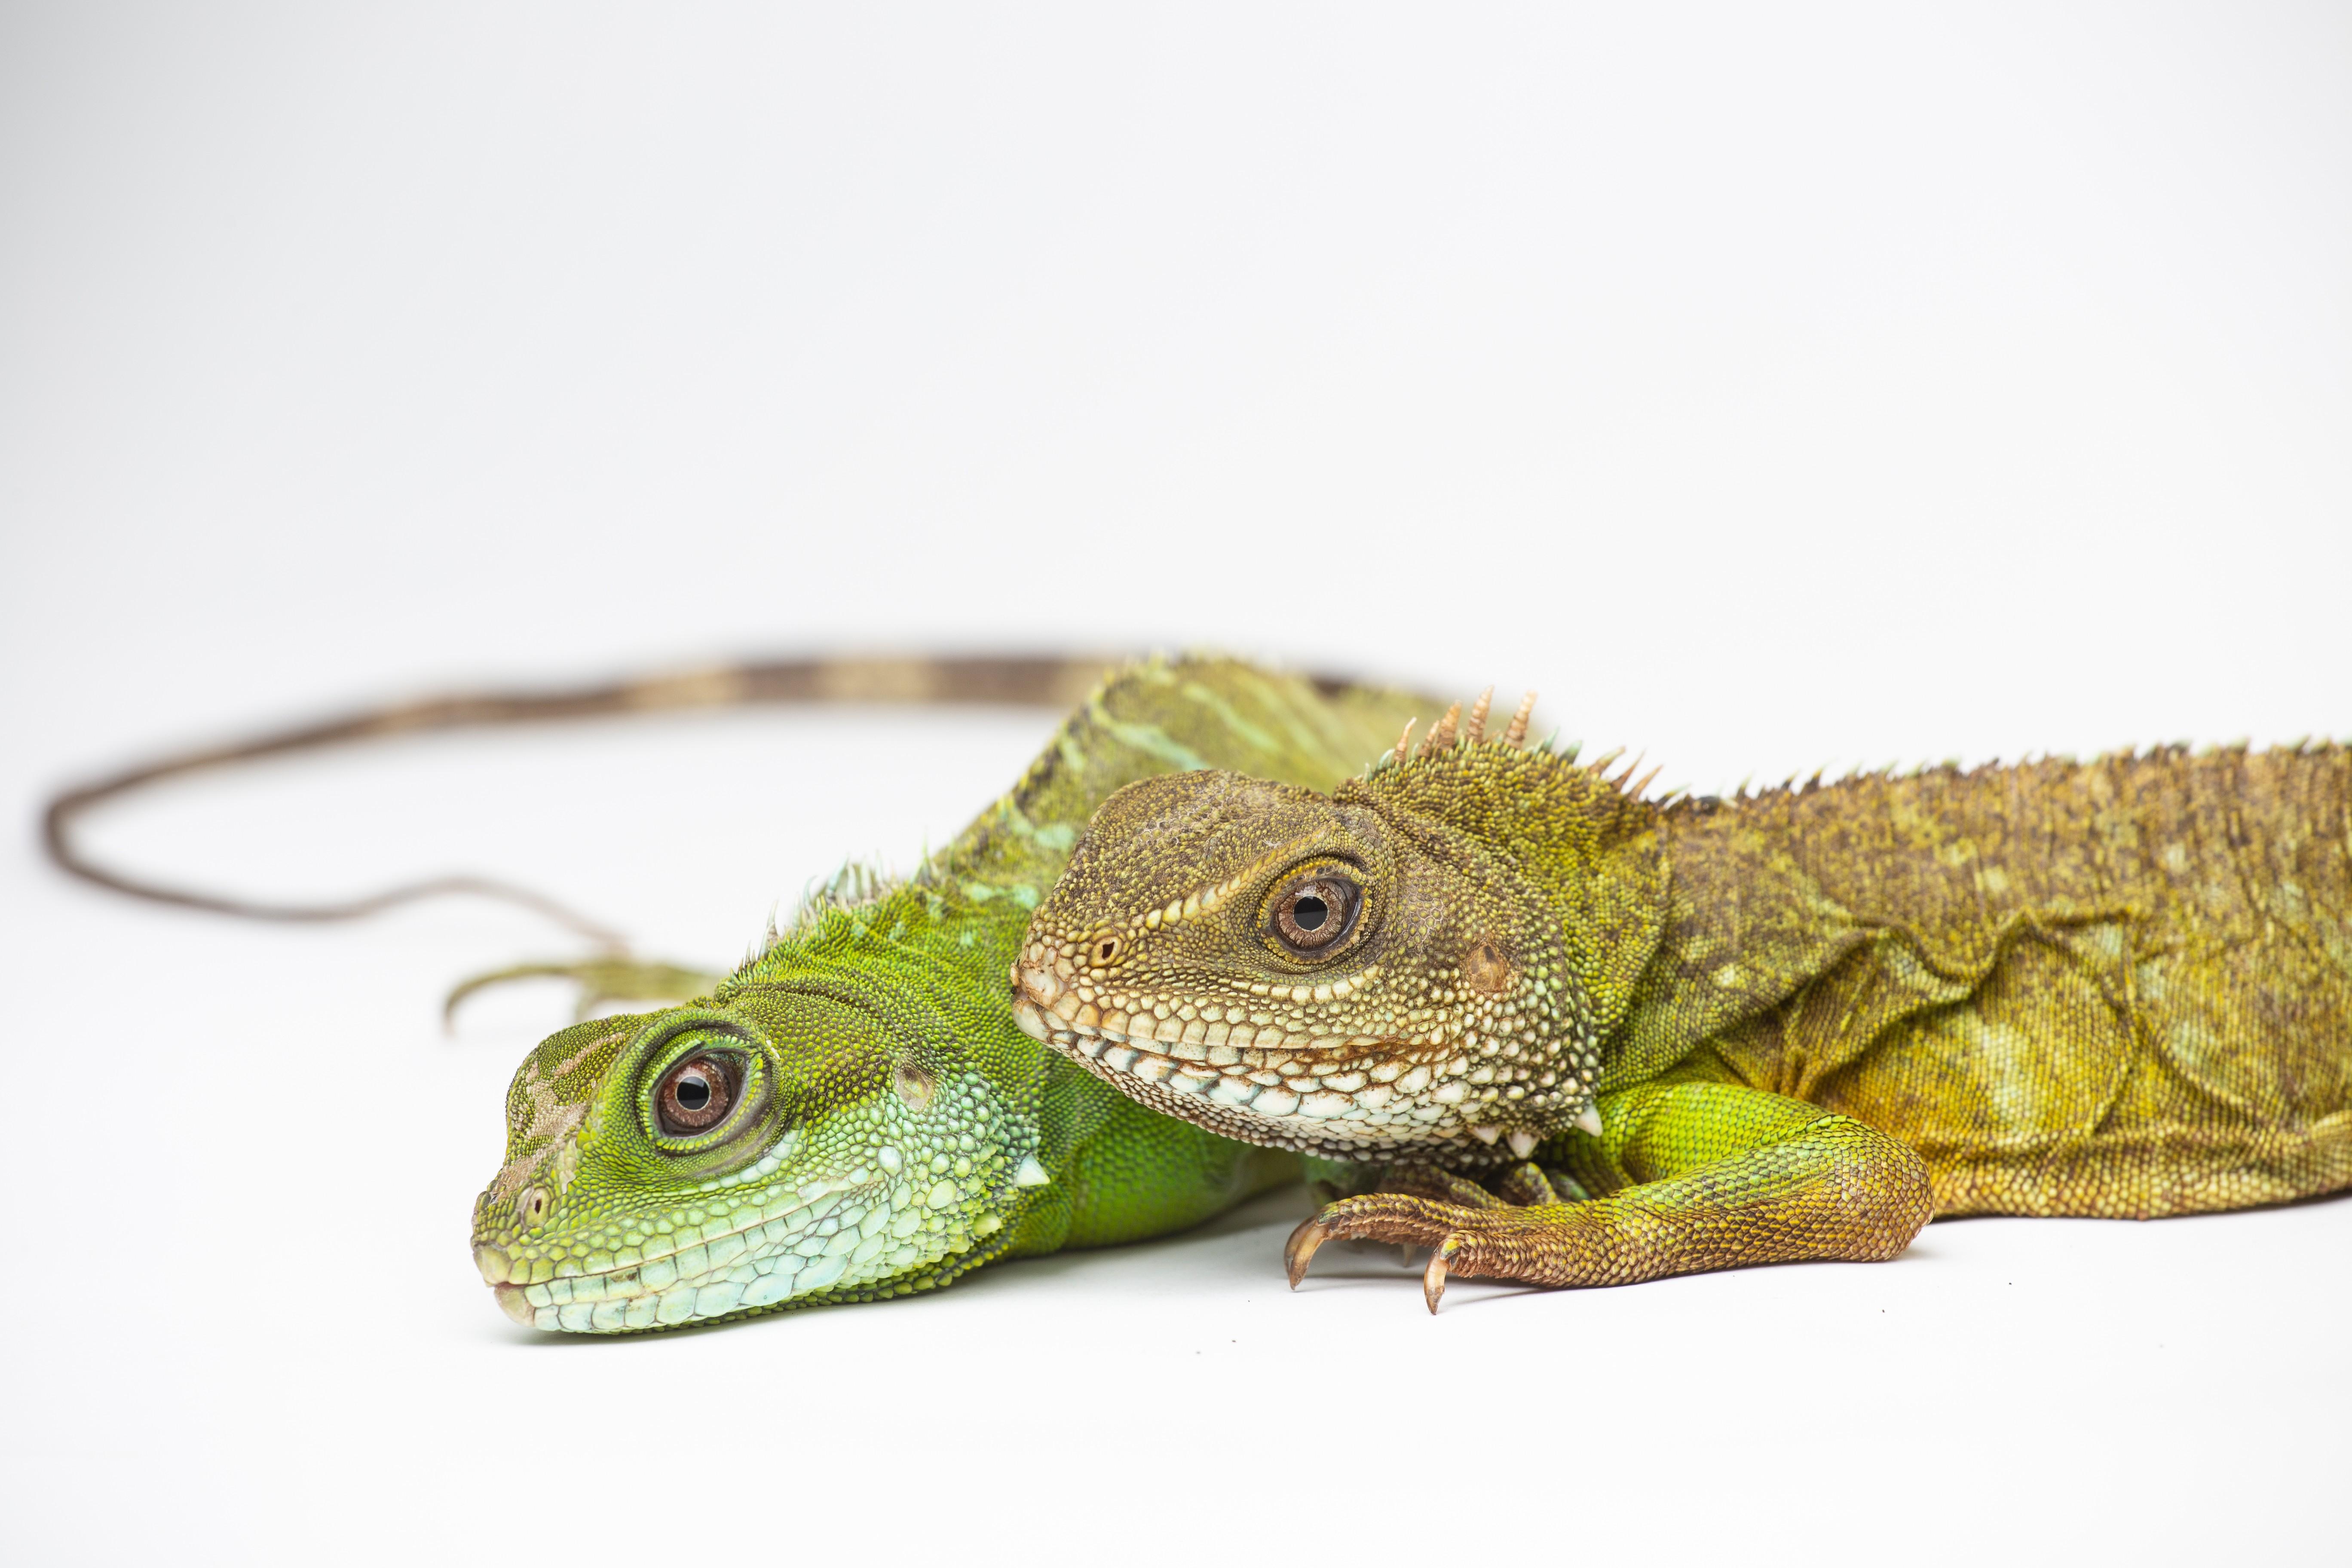 A espécie de lagarto e seu filhote posam para a foto (Foto: Divulgação)